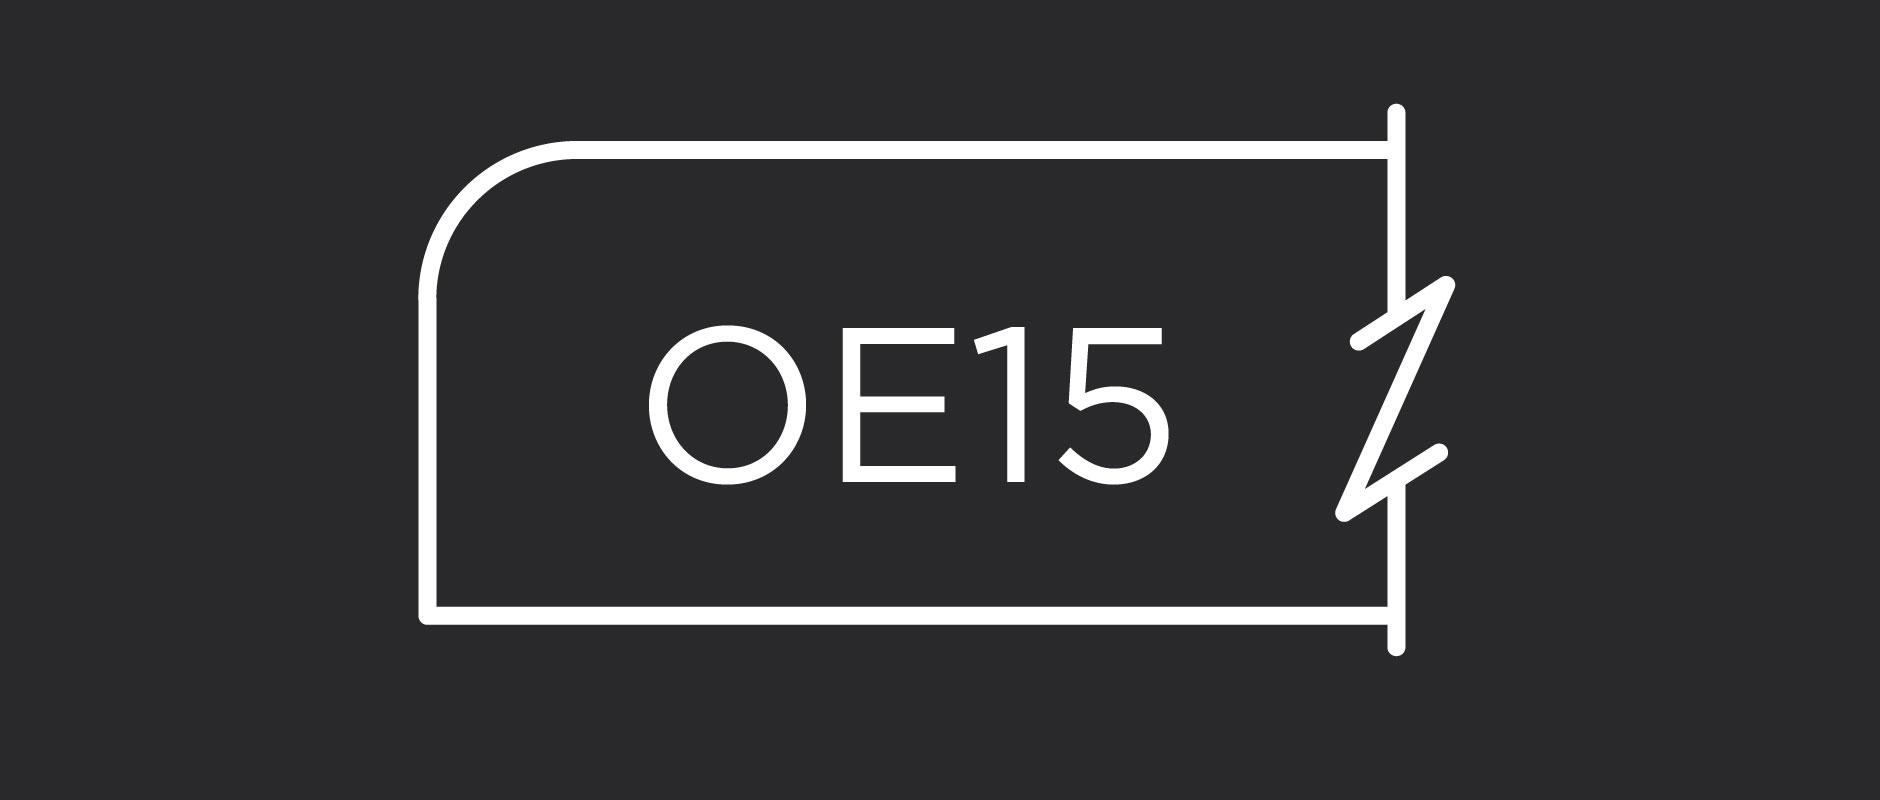 OE15 outside edge profile